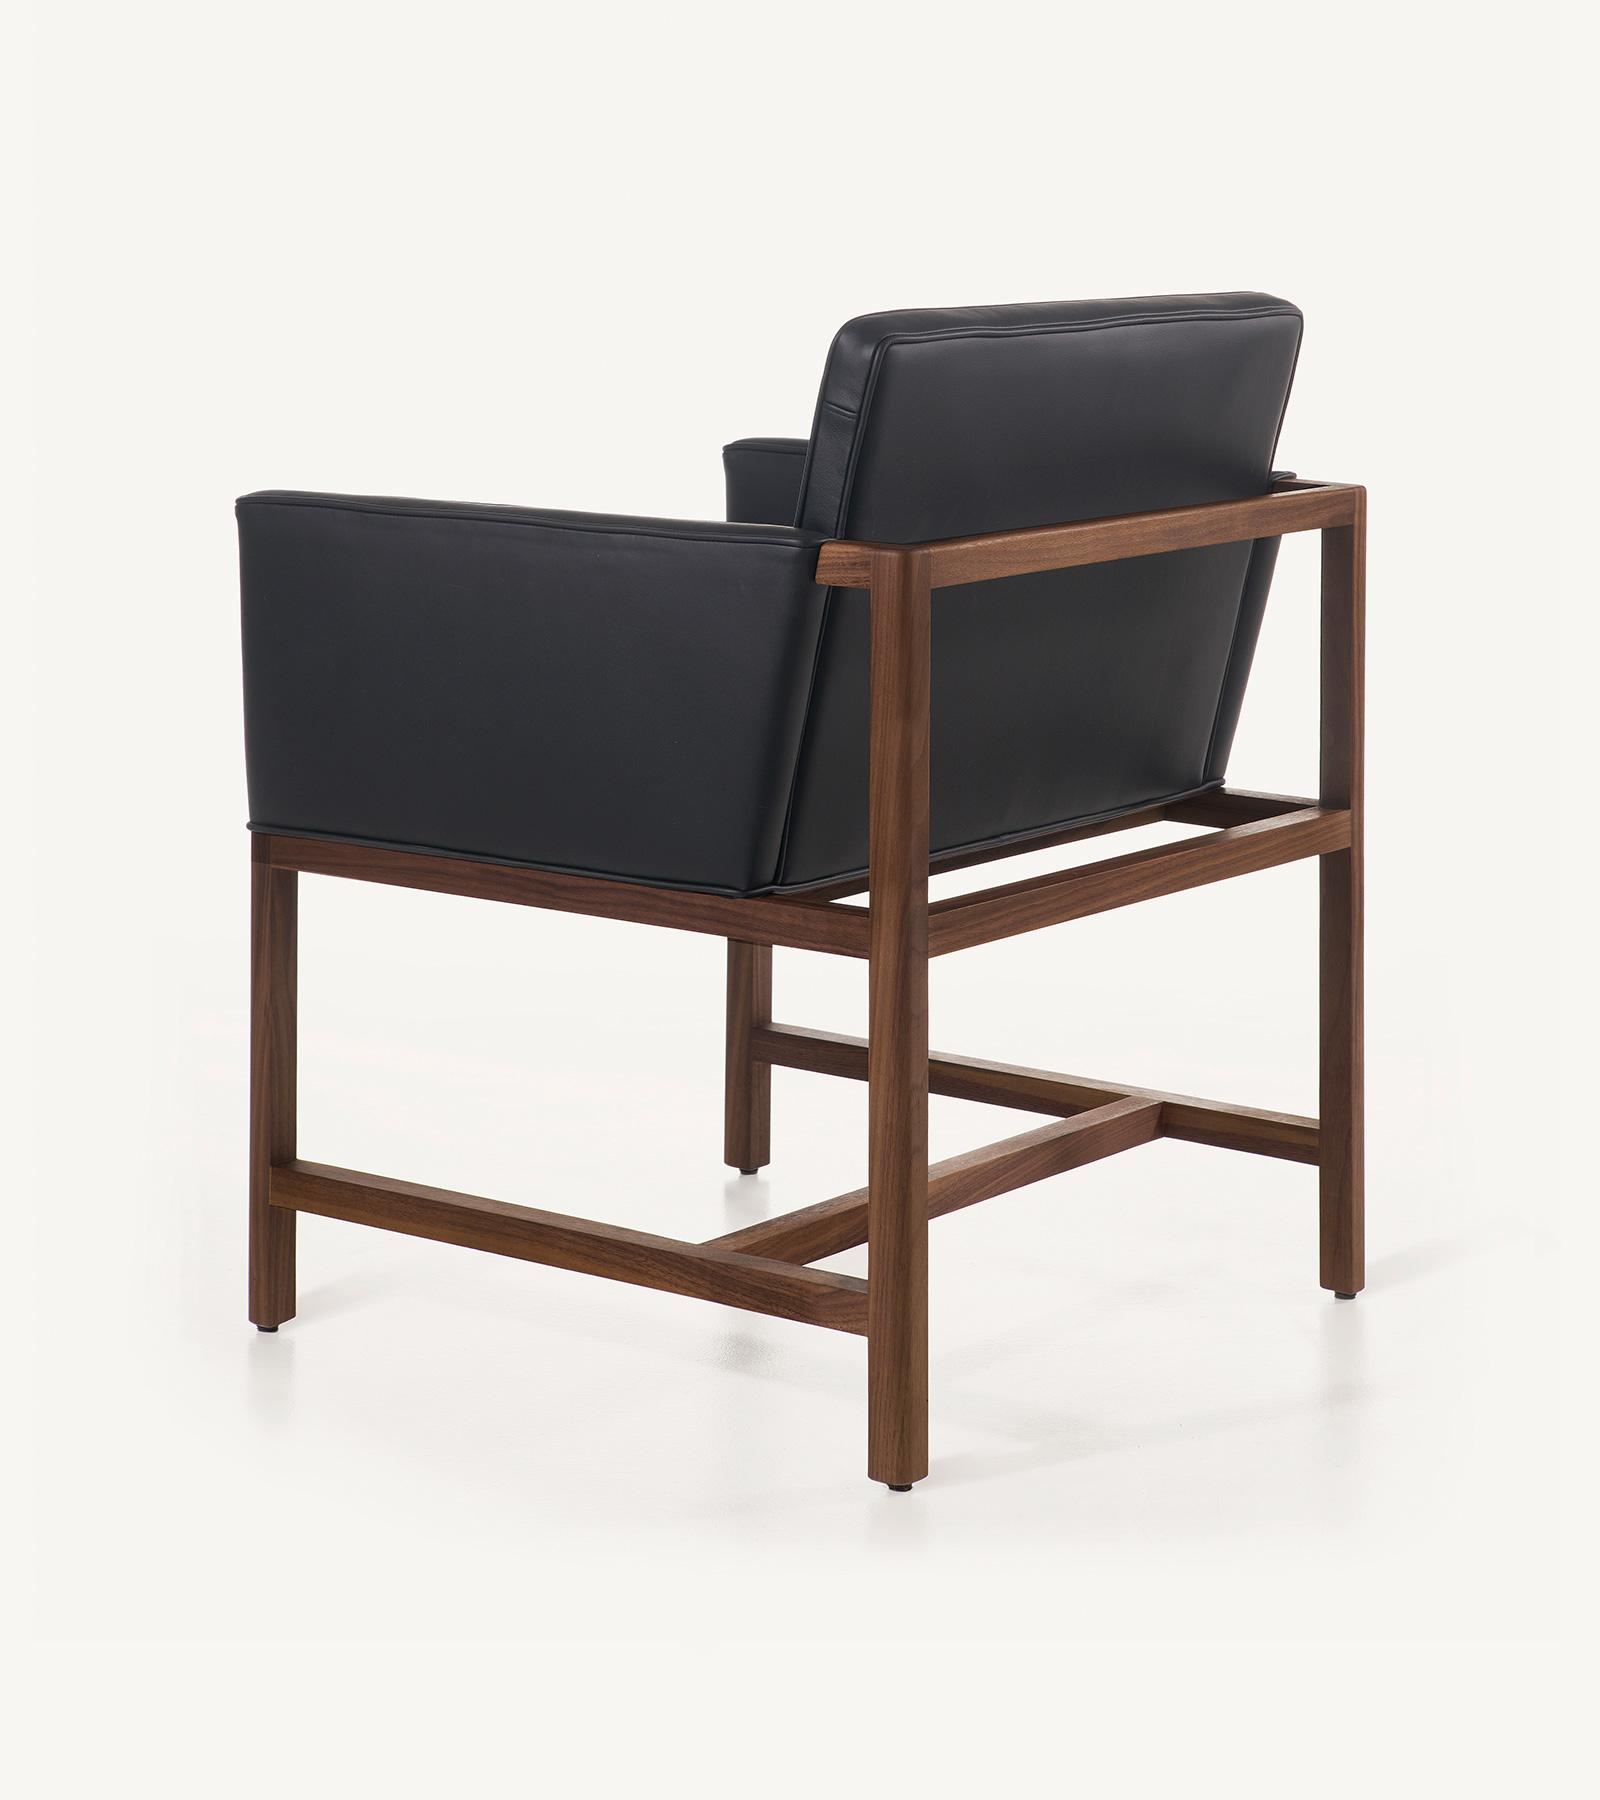 TinnappleMetz-bassamfellows-Wood-Frame-Chair-03